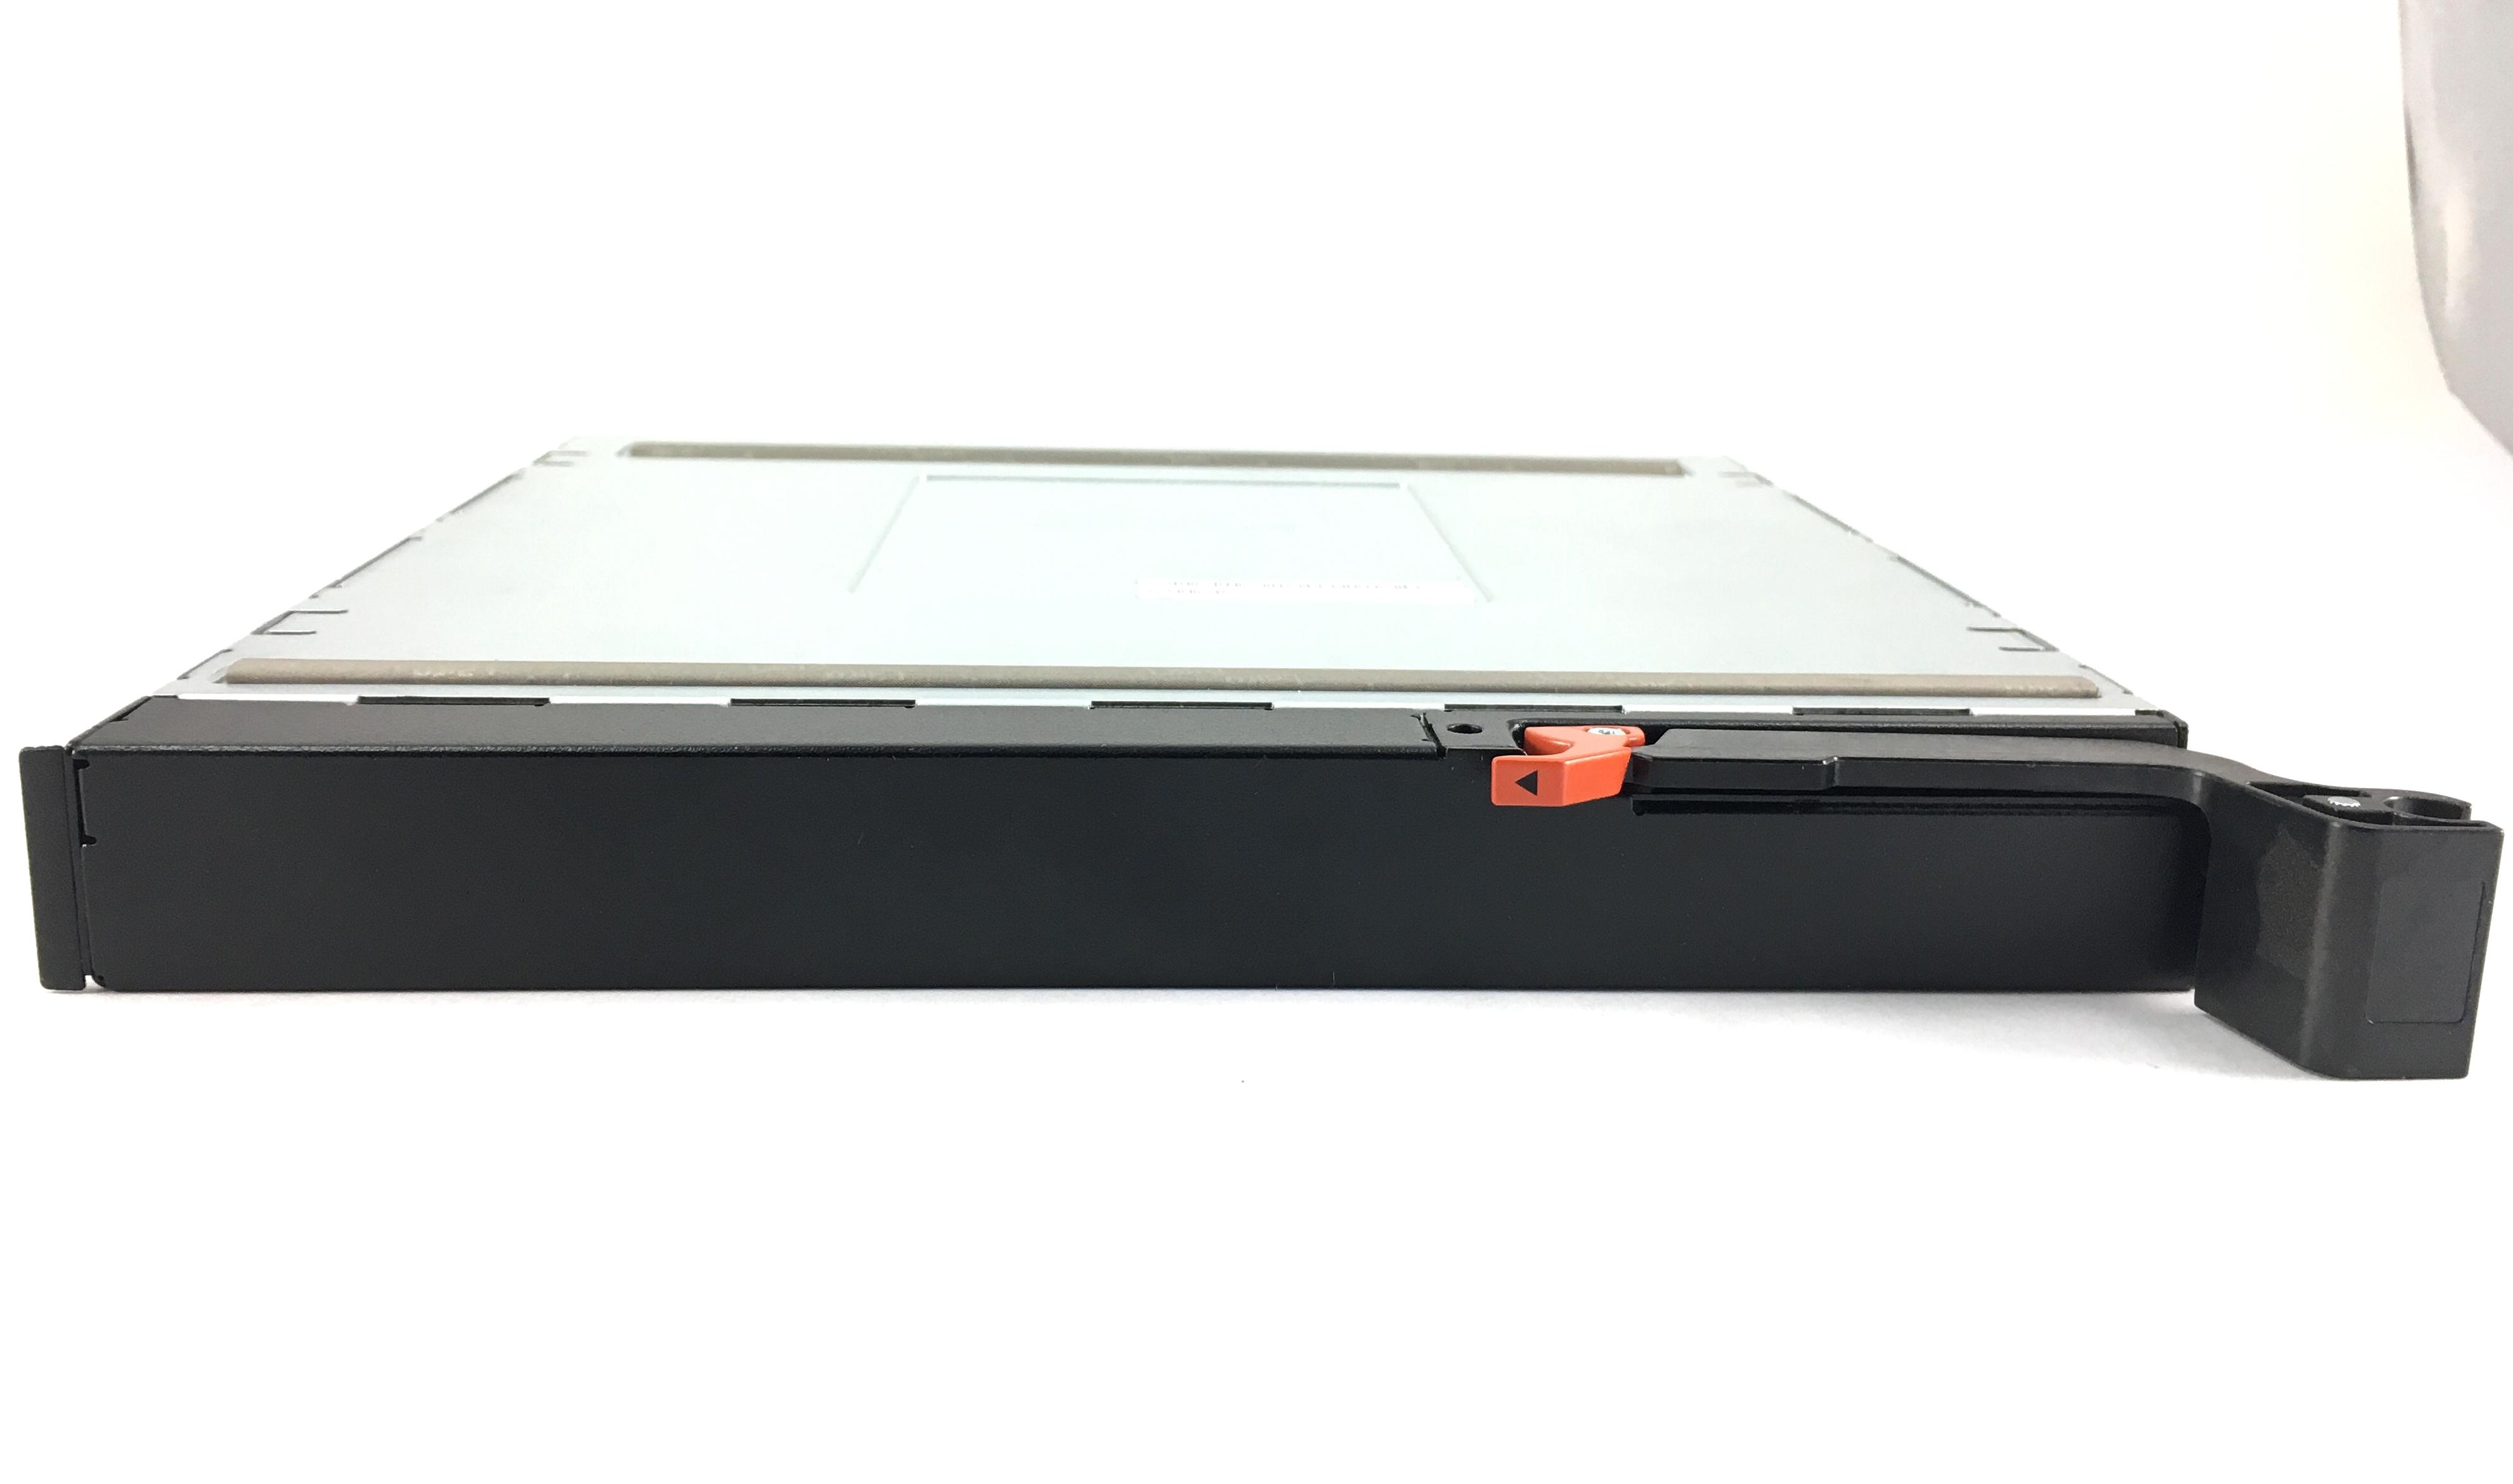 Dell PowerEdge M1000E I/O Blank Filler Insert Module (0H330H)